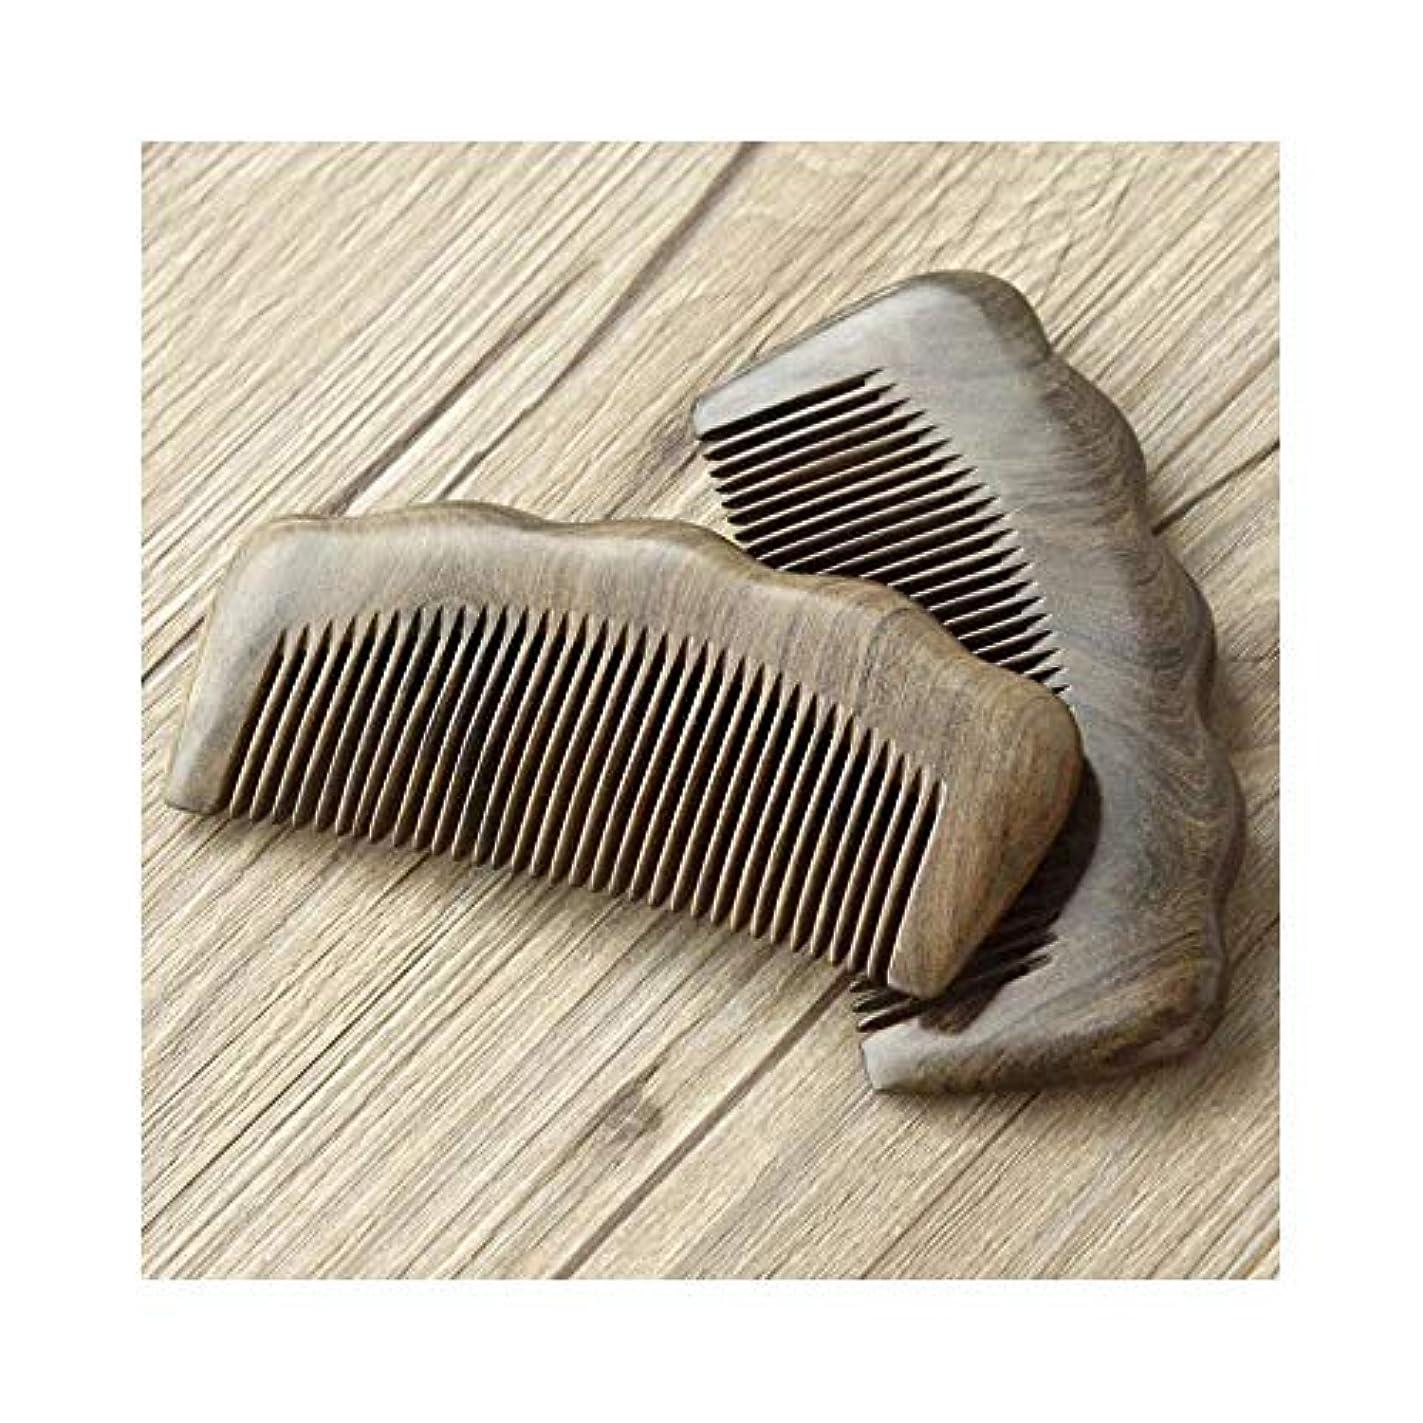 勃起永続マキシムFashianナチュラルサンダルウッドコーム - 全歯と手作りの木製くし静電気防止コーム ヘアケア (色 : 81247)